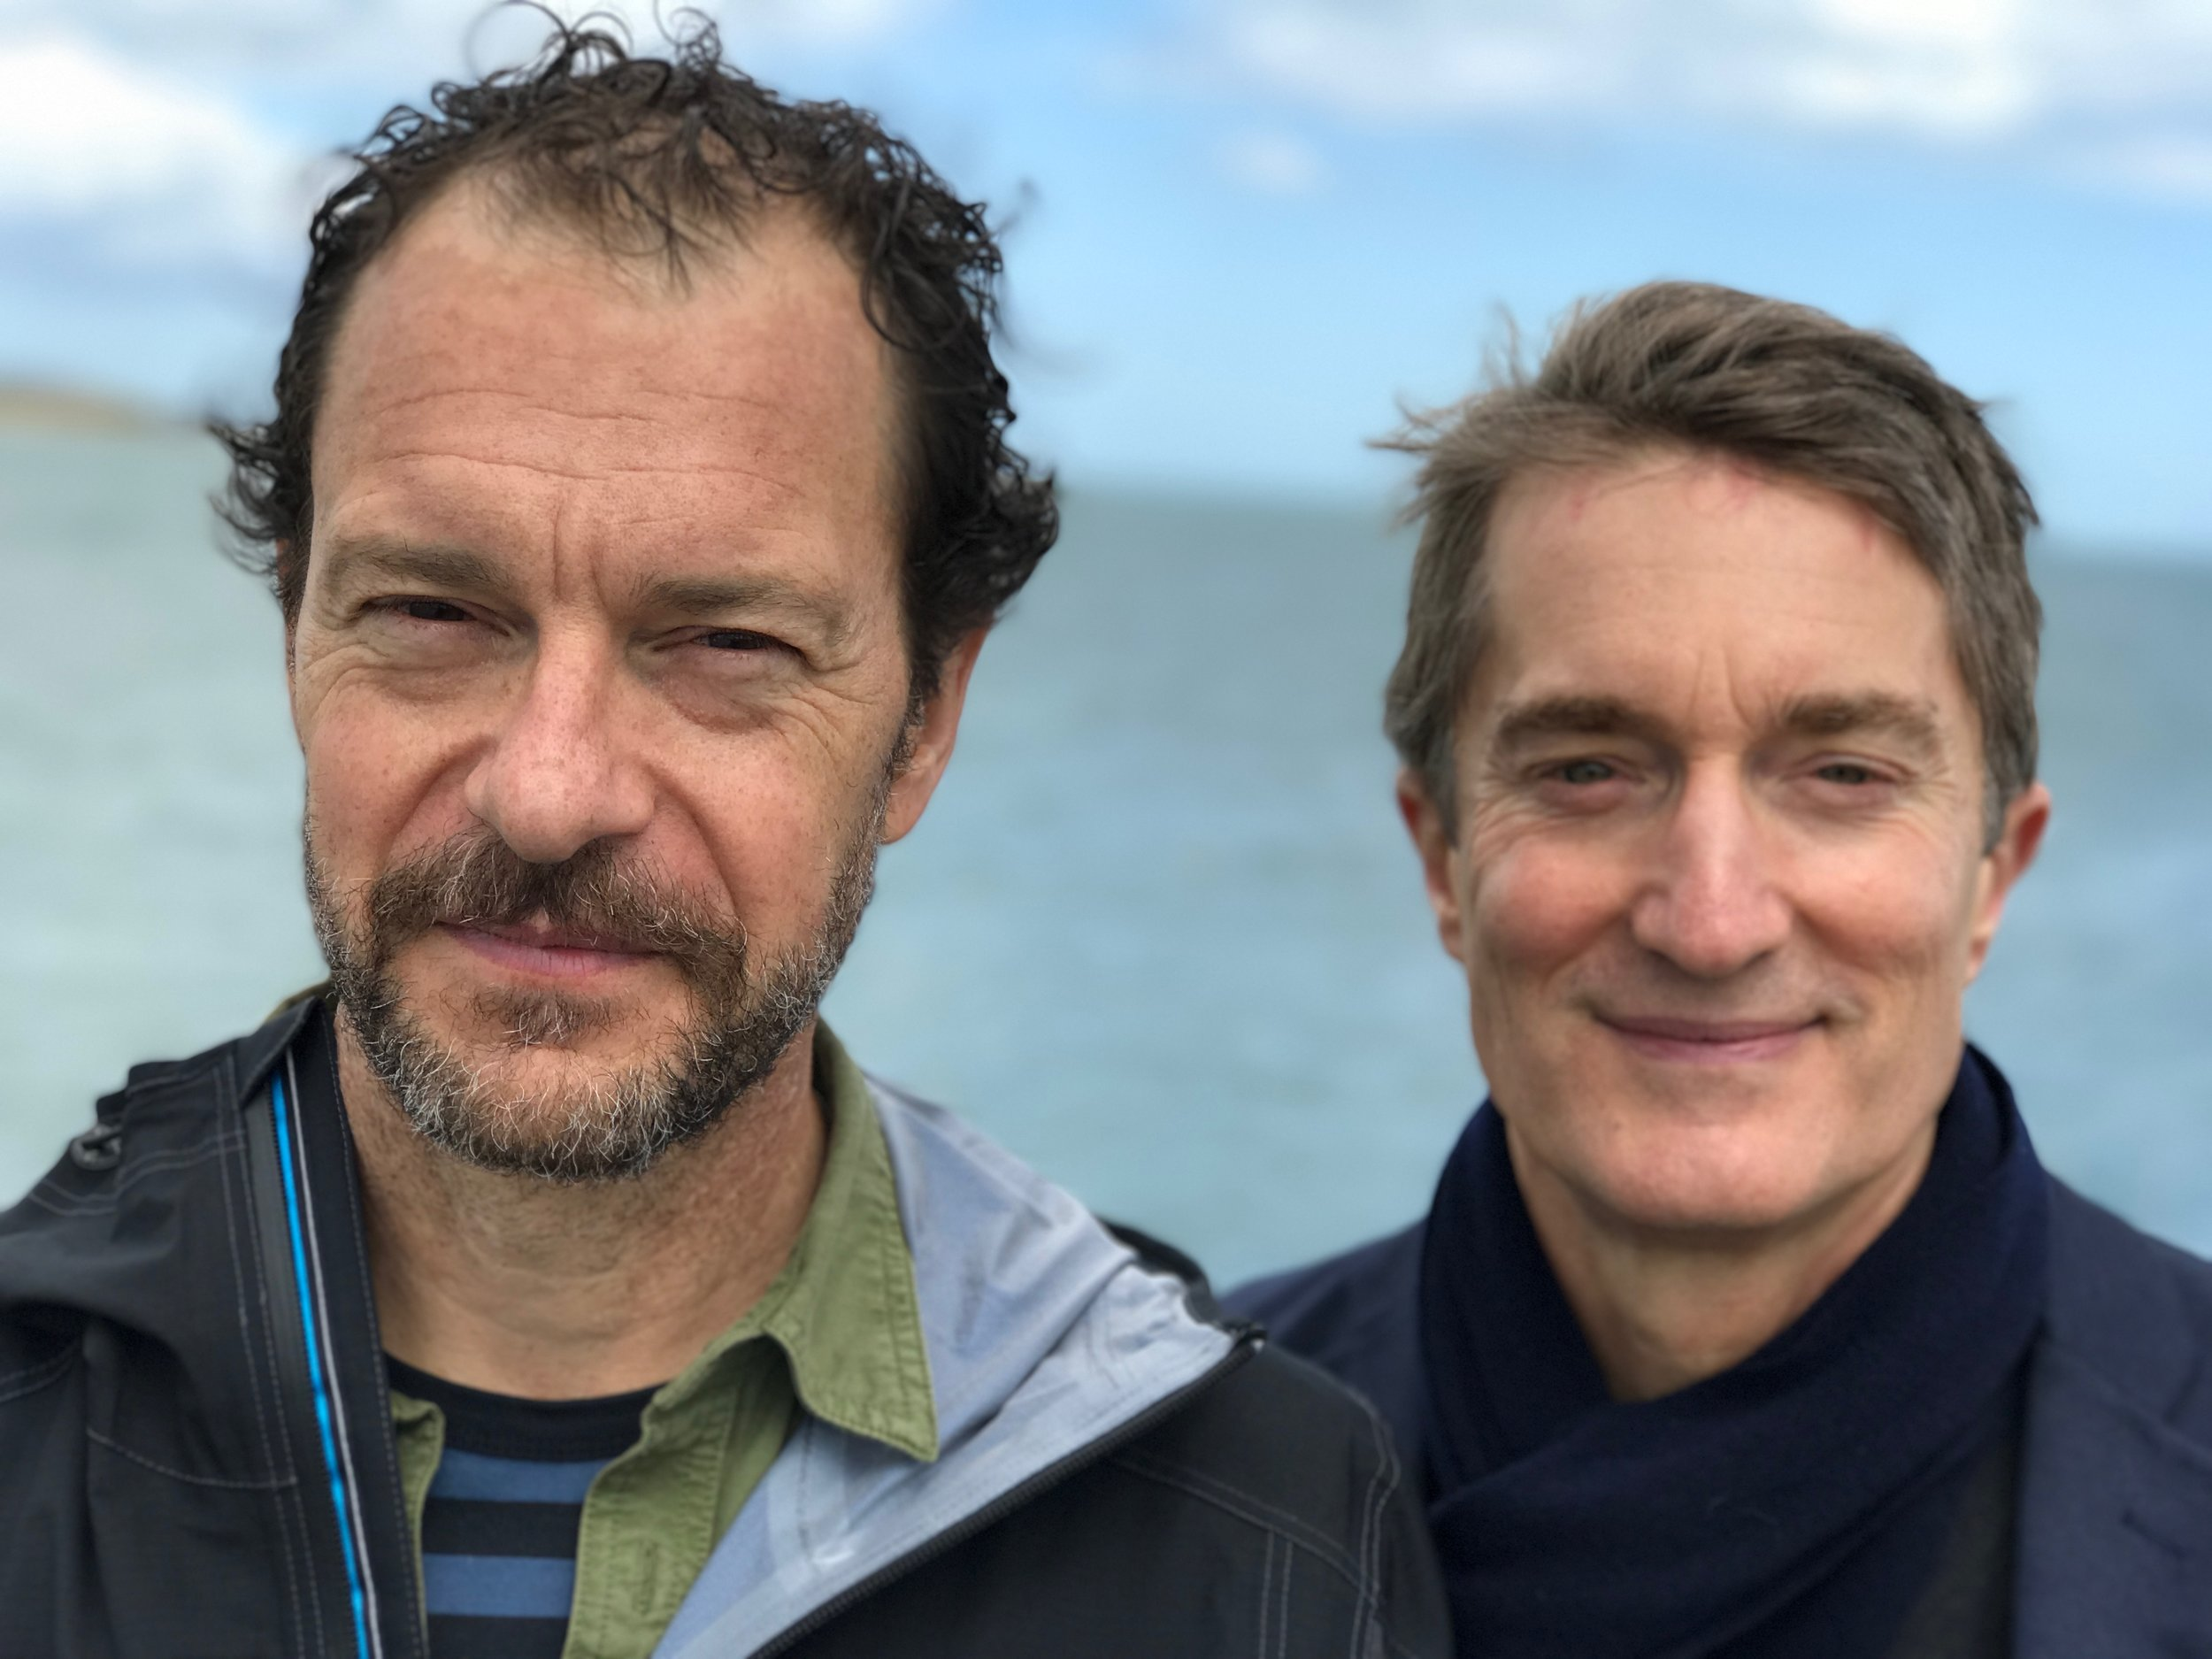 Tony and Carl